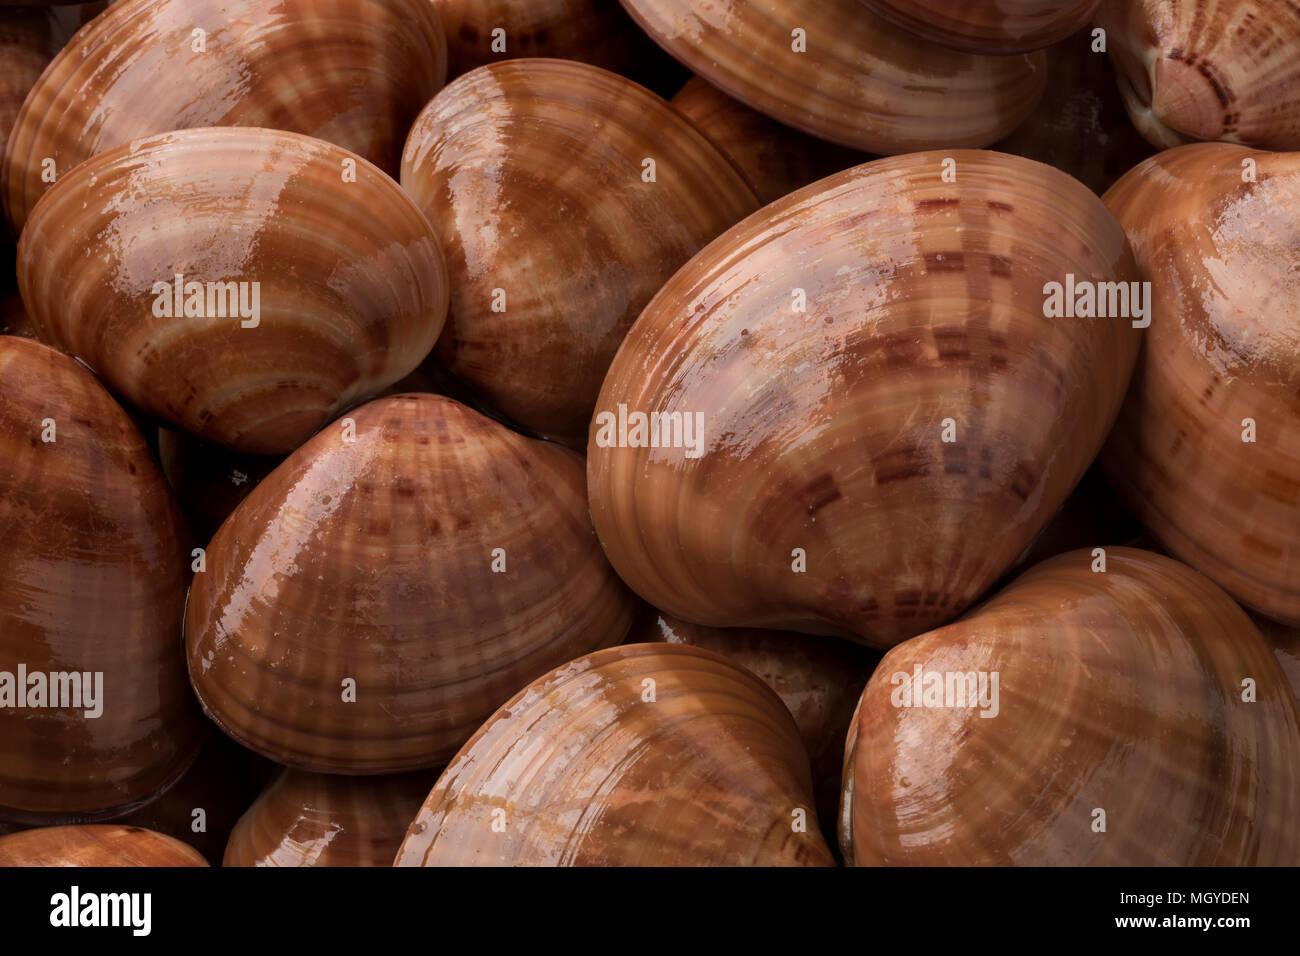 Fresca cruda almejas lisa cerrada cerca de fotograma completo Imagen De Stock